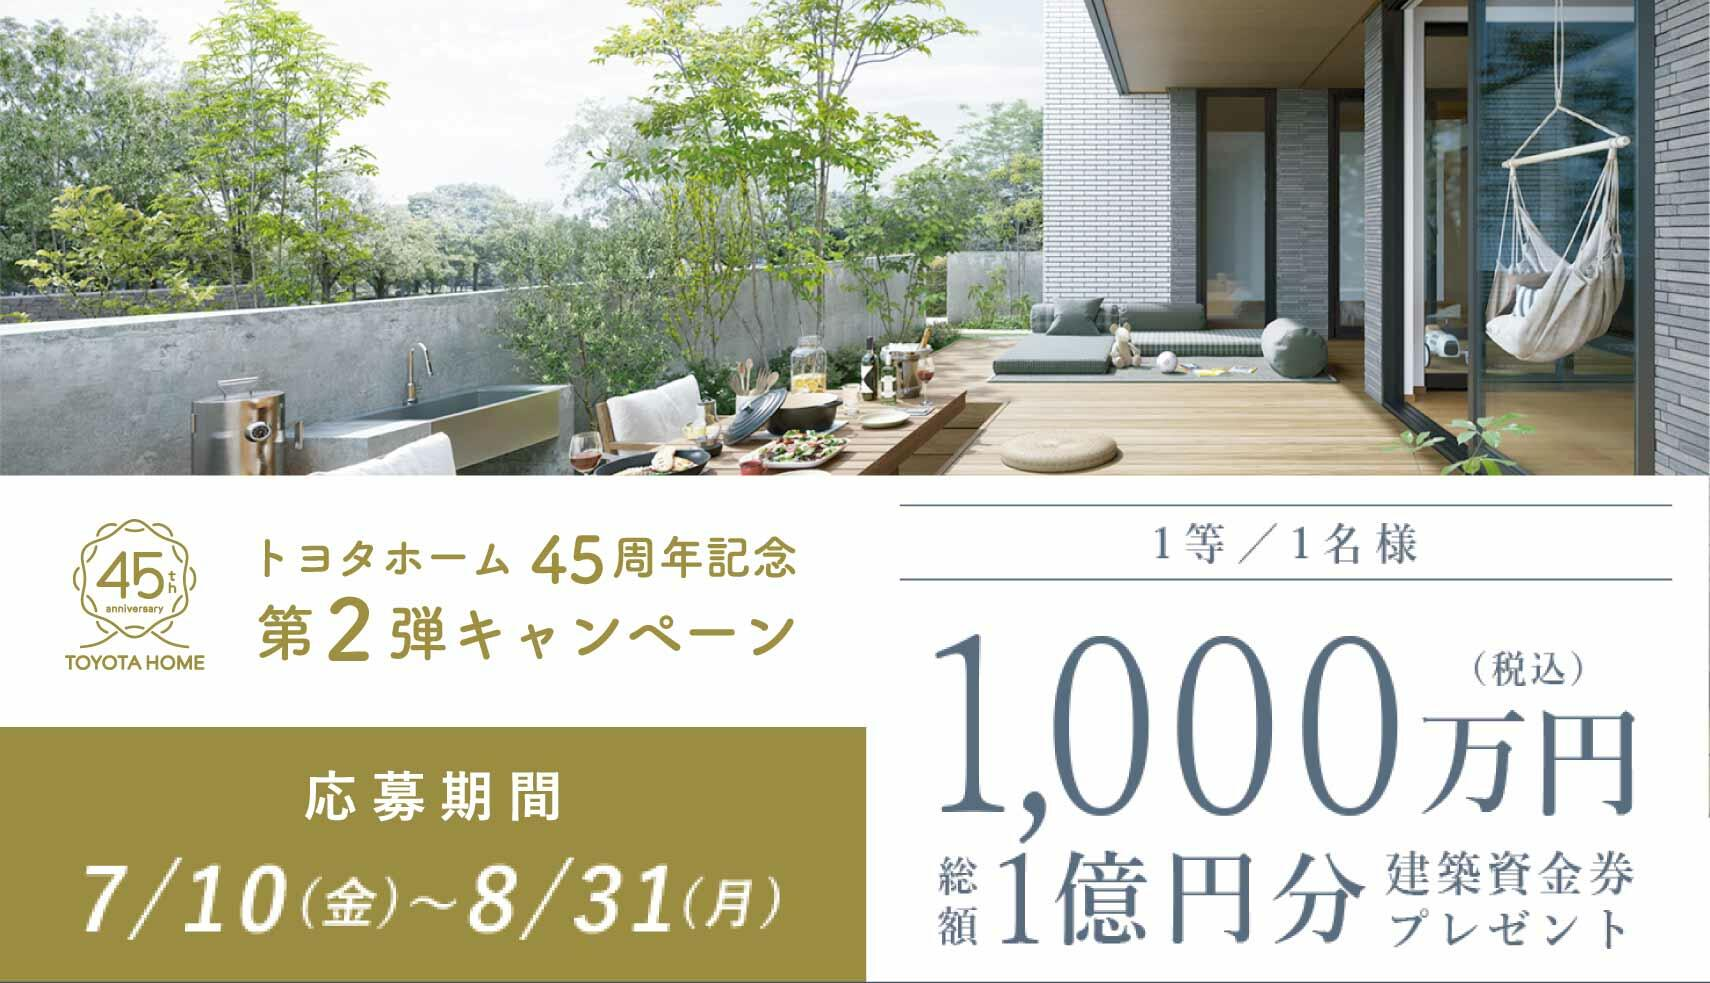 1億円分建築資金プレゼント第2弾